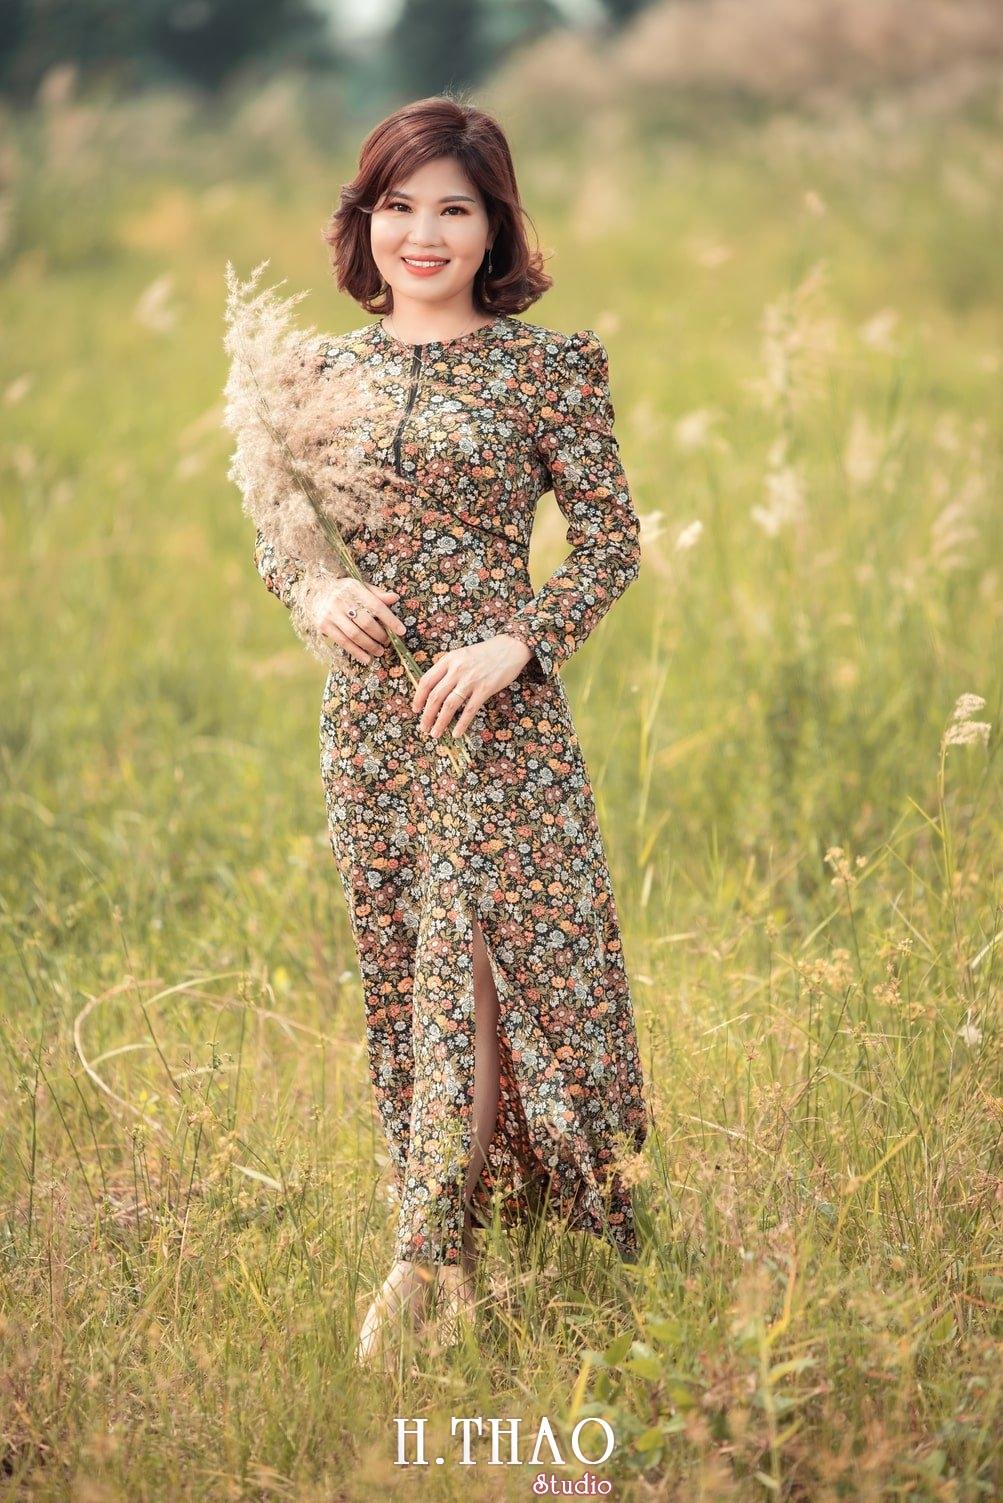 Canh Dong Co Lau 10 - Chụp ảnh với cánh đồng cỏ lau quận 9 tuyệt đẹp - HThao Studio